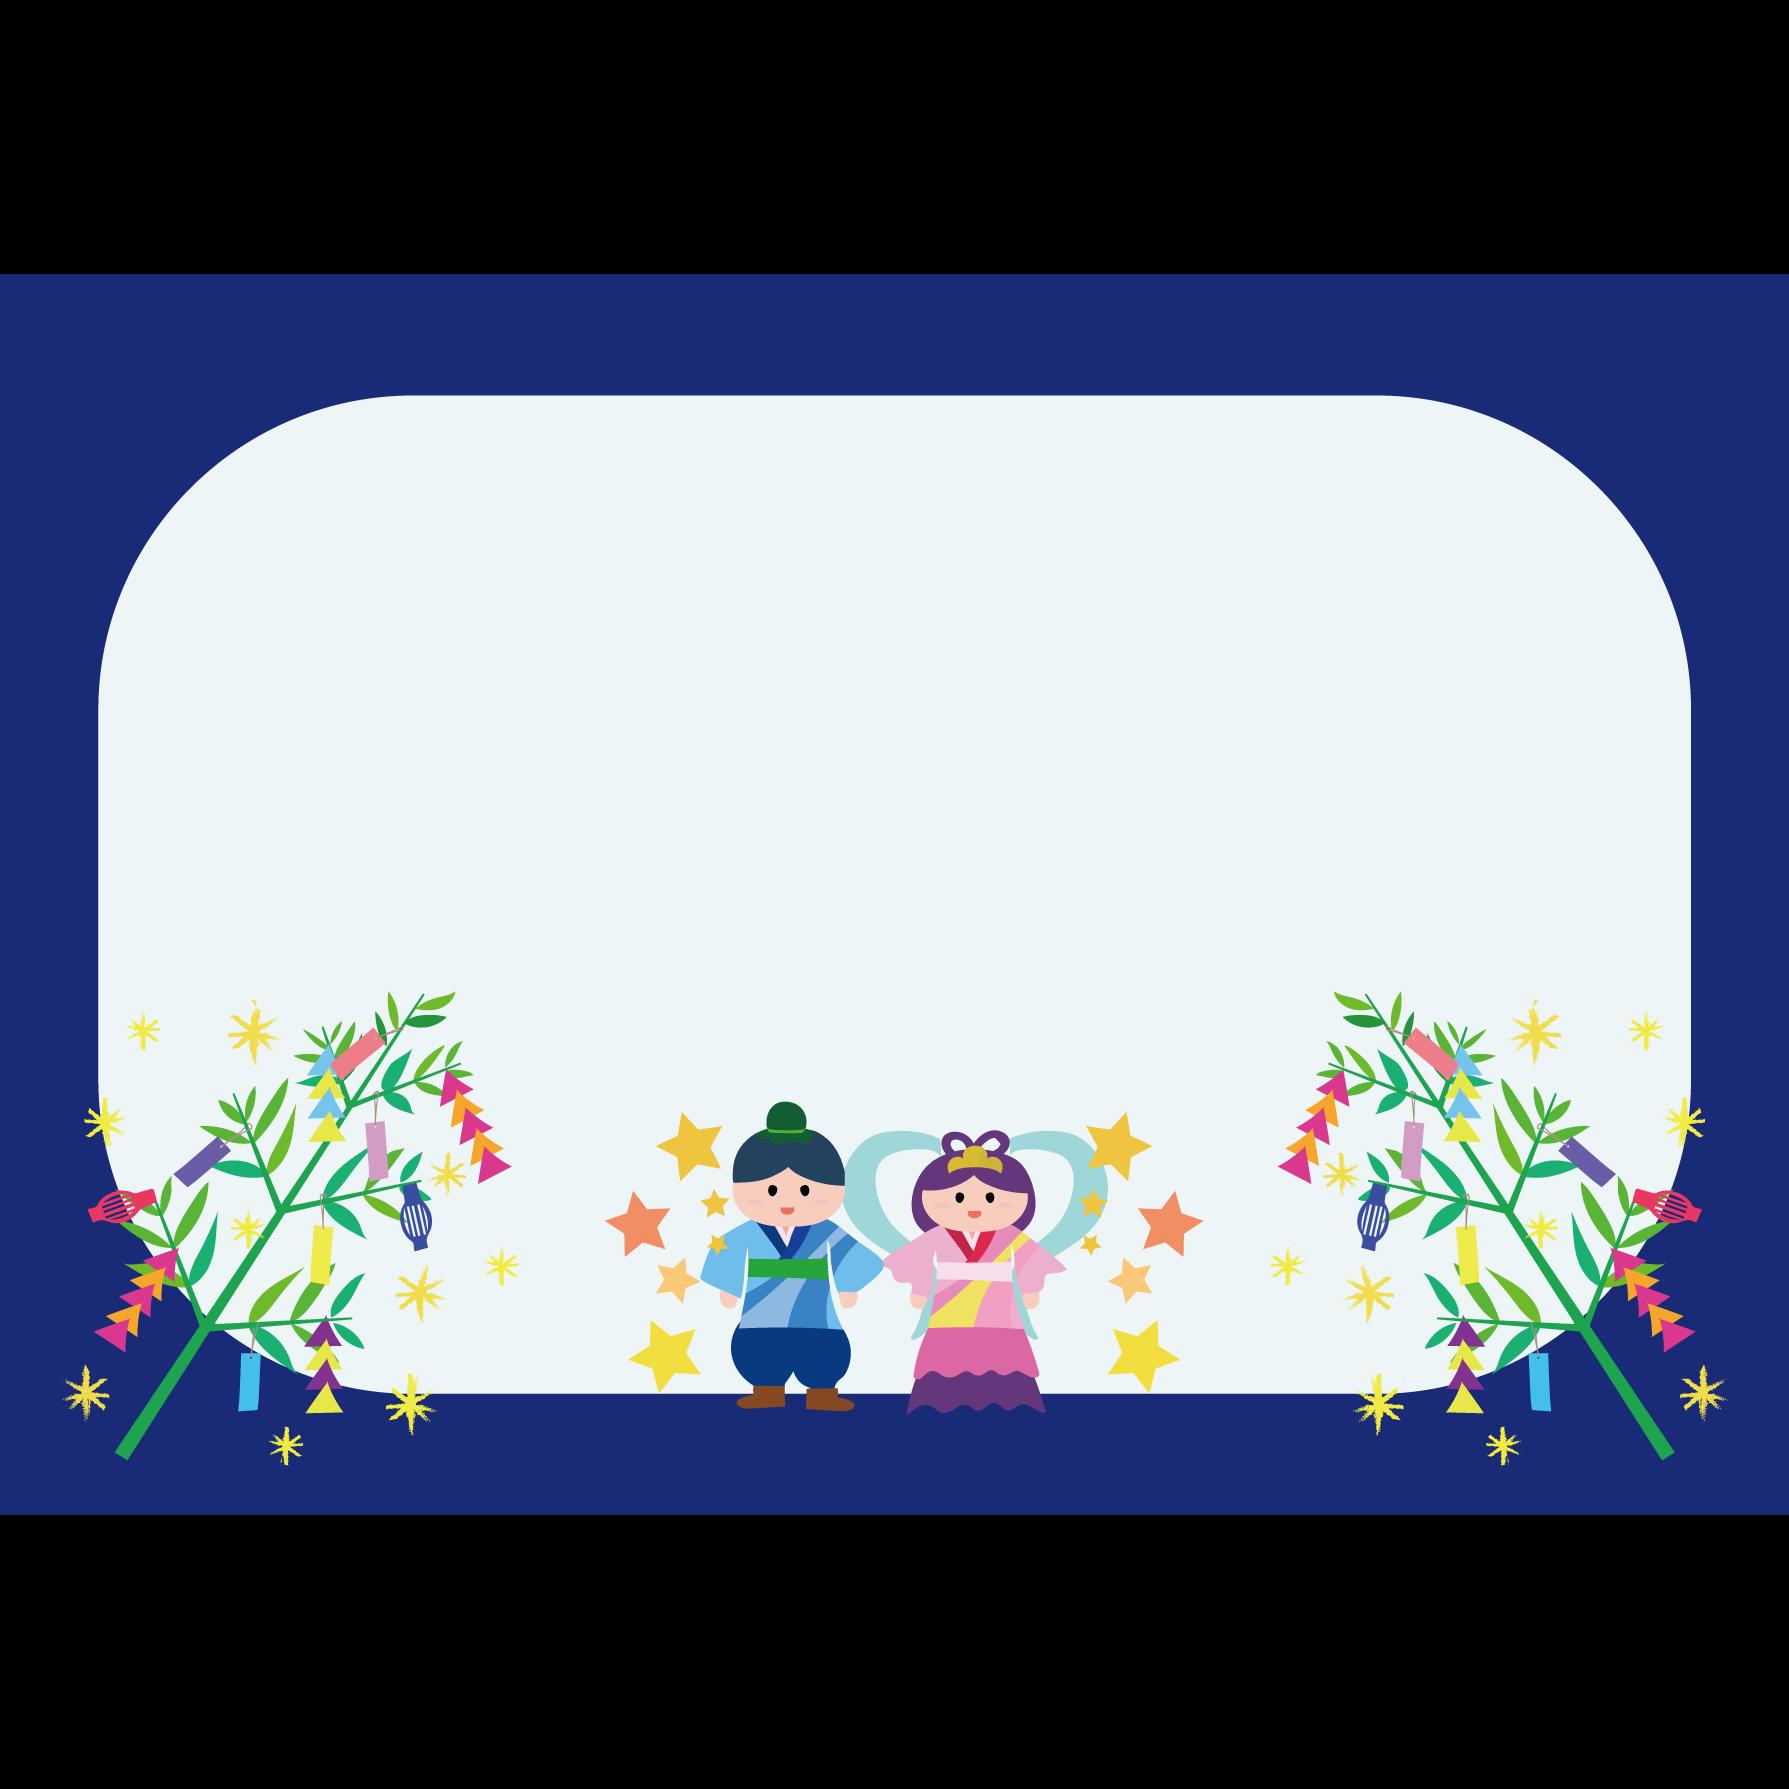 七夕!かわいい♪ 織姫と彦星の 無料の枠(フレーム) イラスト | 商用